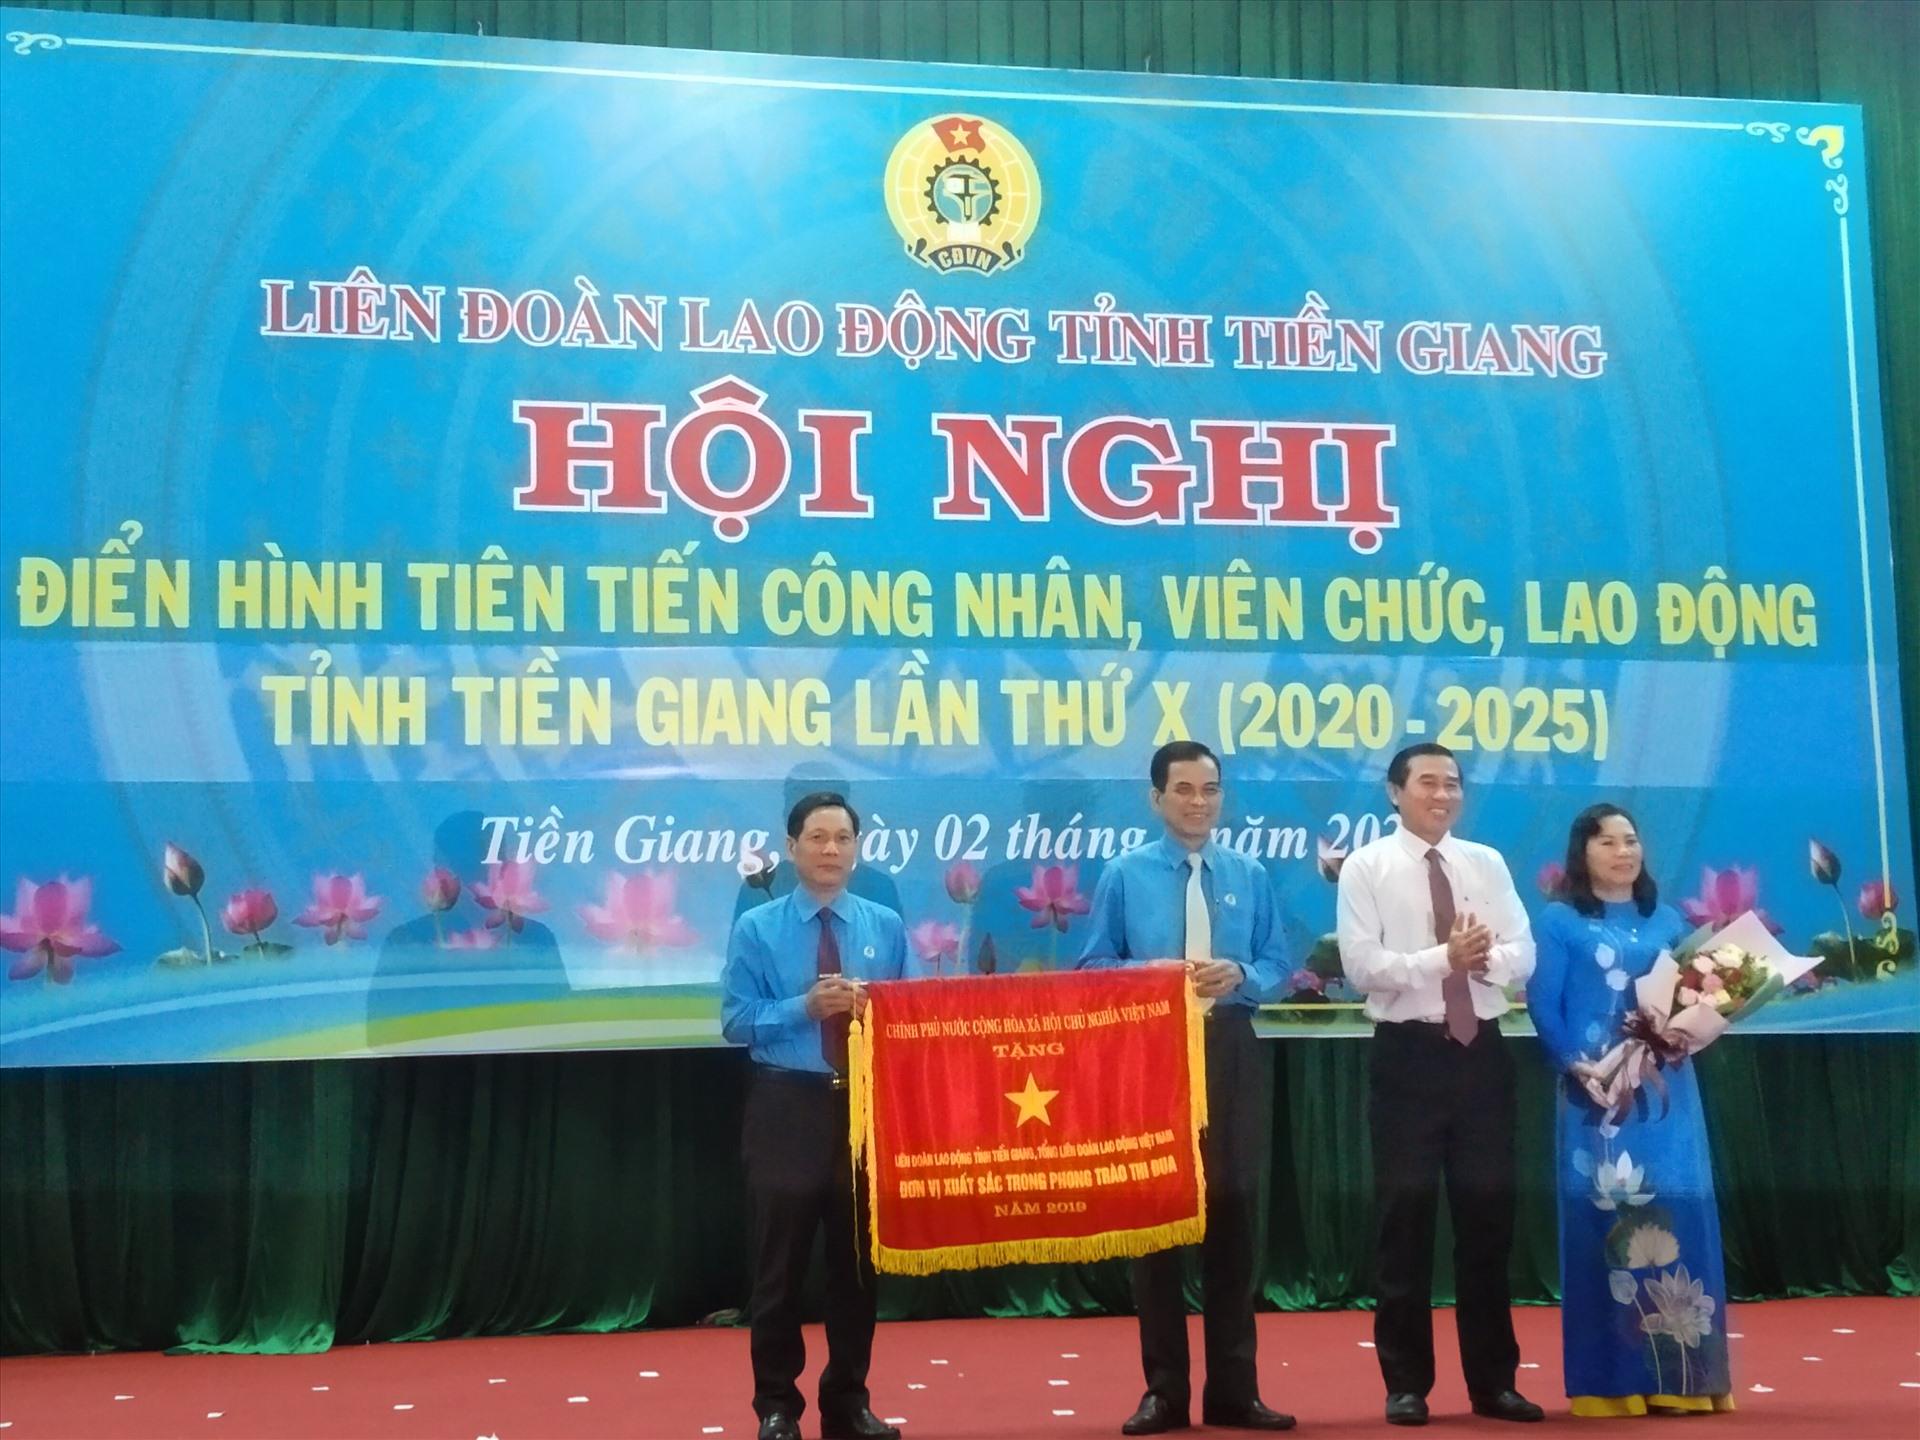 Chủ tịch UBND tỉnh Tiền Giang trao Cờ thi đua xuất sắc của Chính phủ cho LĐLĐ tỉnh Tiền Giang. Ảnh: K.Q